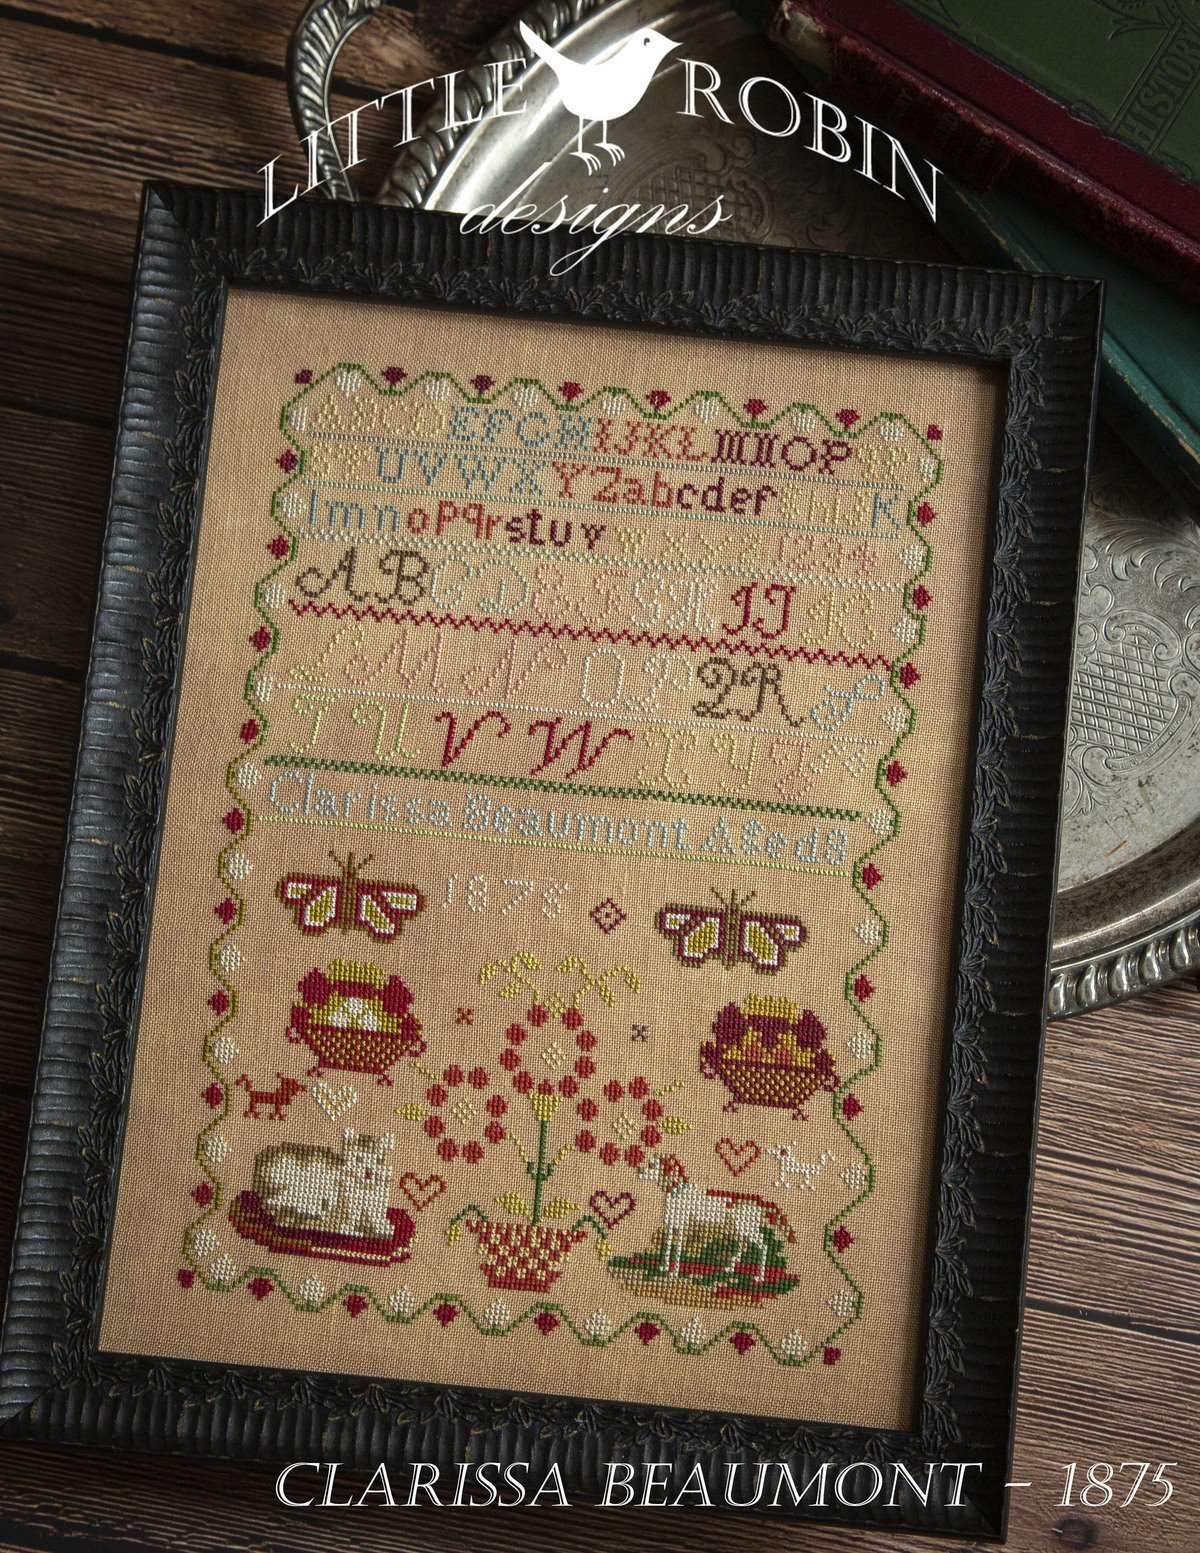 Clarissa Beaumont chart - Little Robin Designs